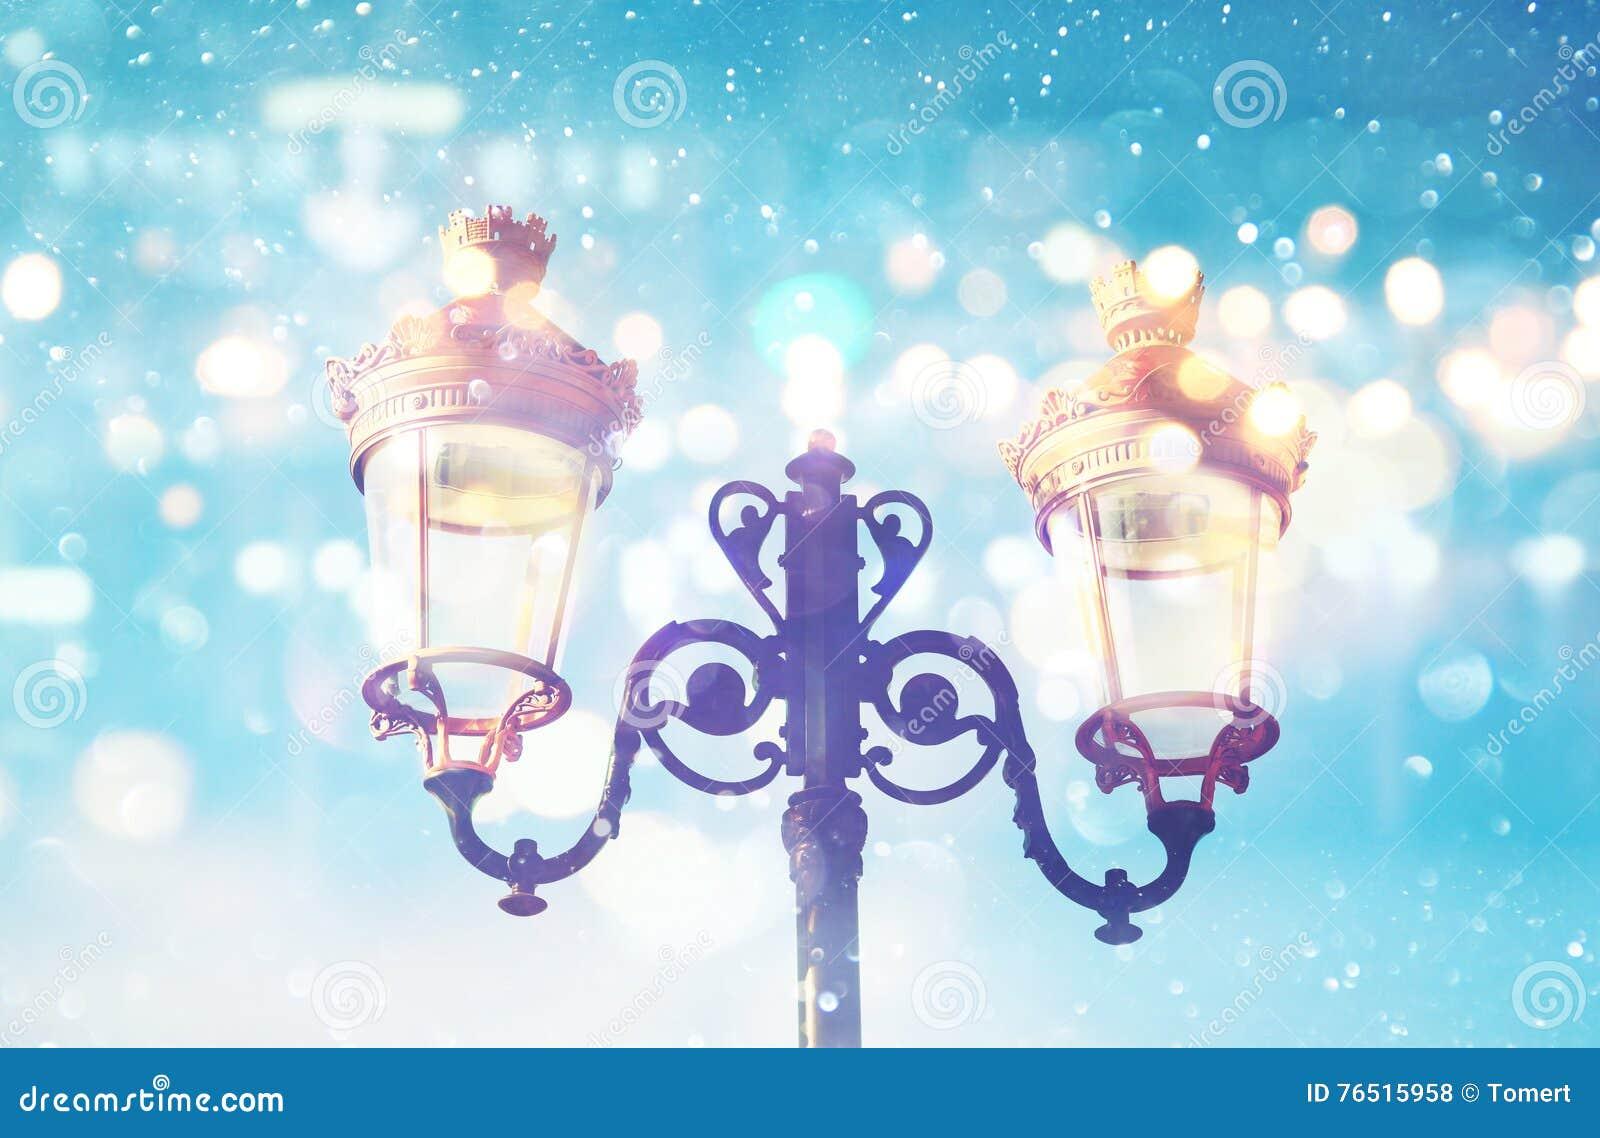 Конспект и волшебное изображение уличных светов рождества